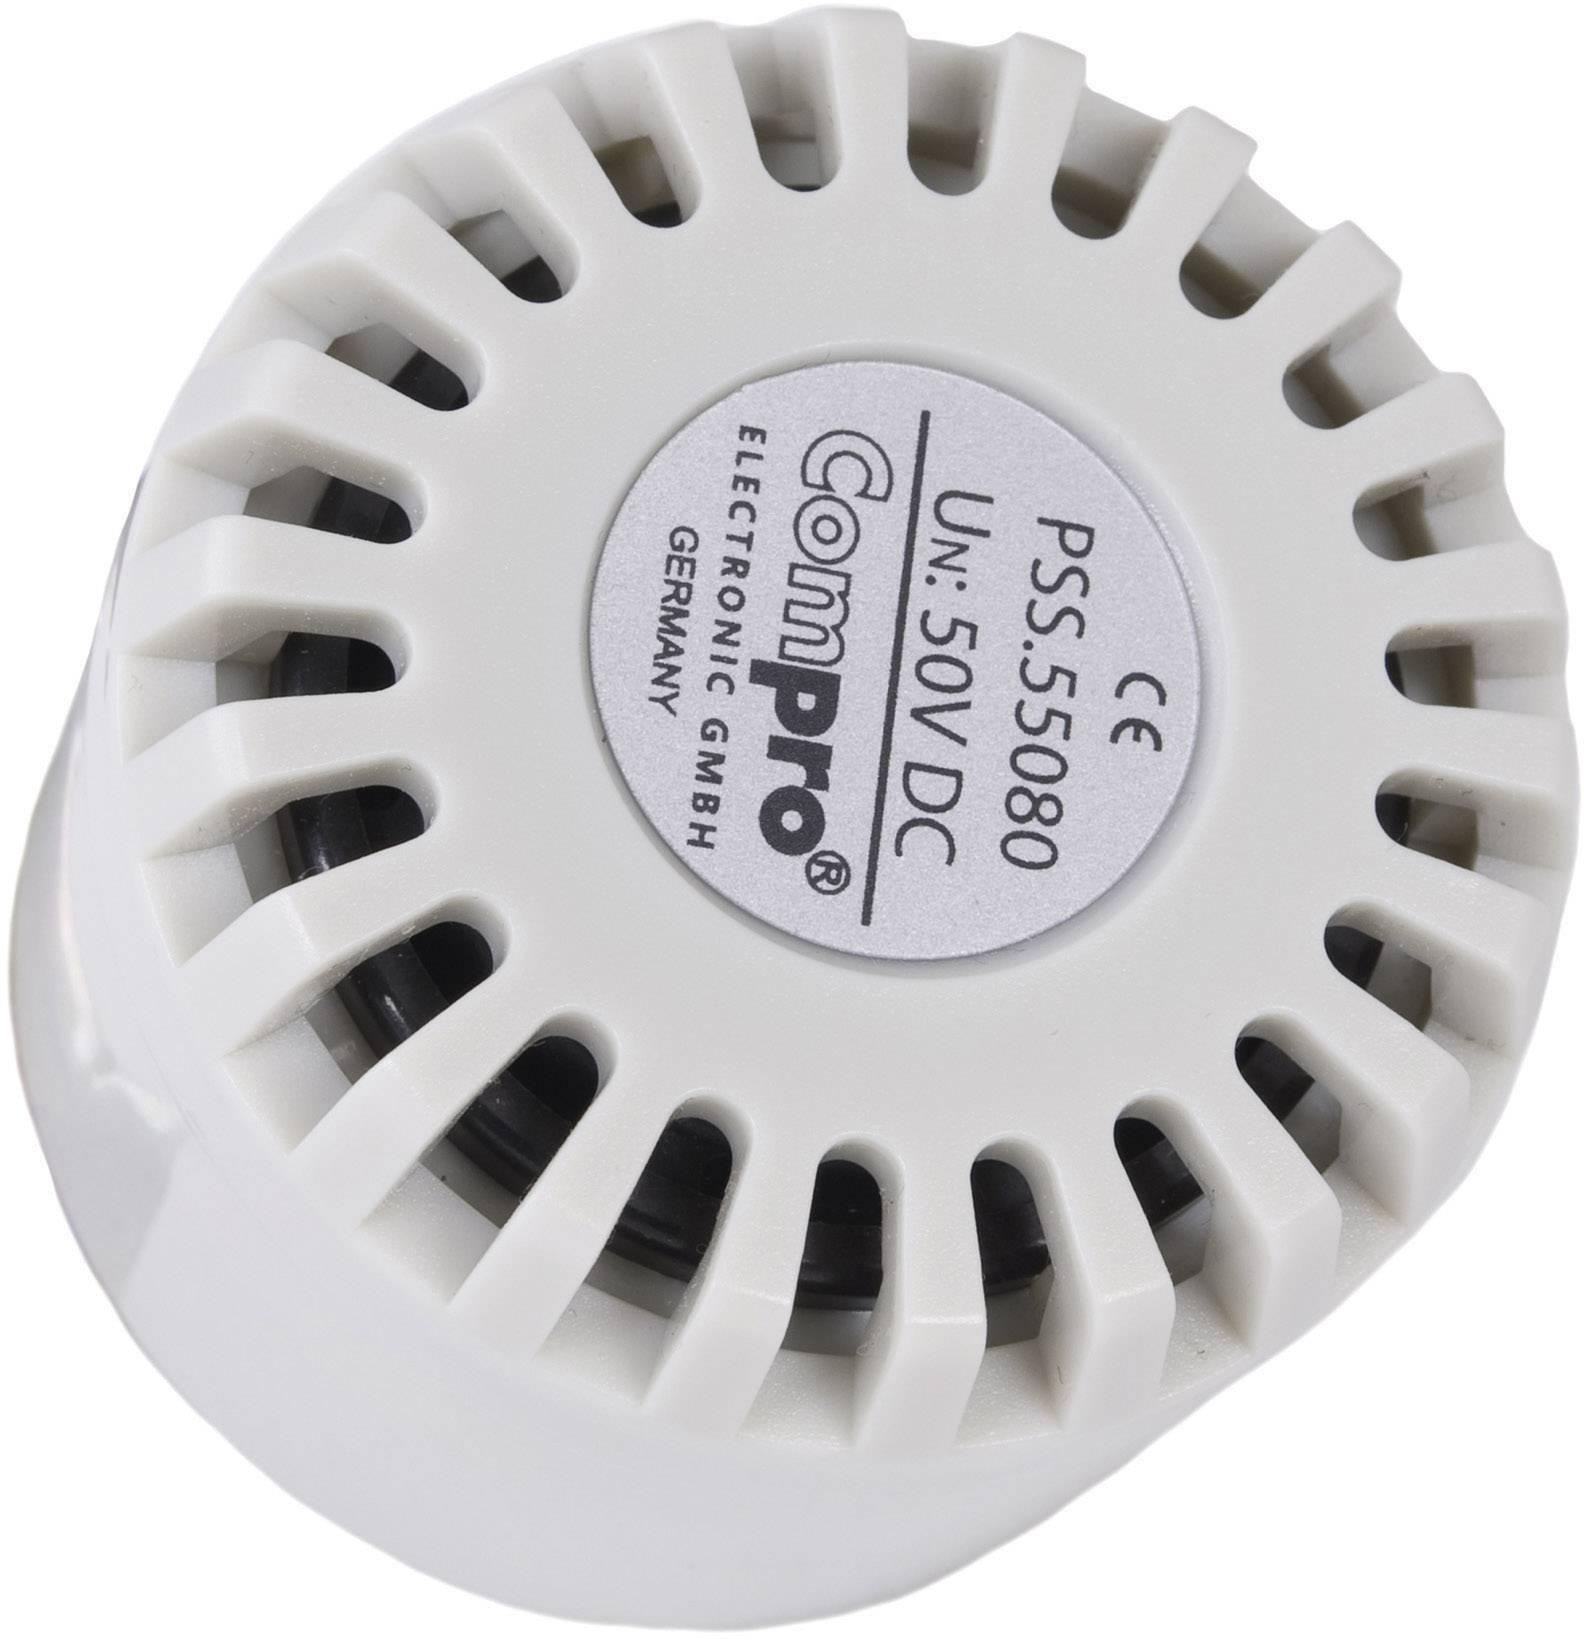 3d62405159e37 Sirène tonalité simple ComPro PSS.55.030.W 12 V/DC 110 dB 1 pc(s)